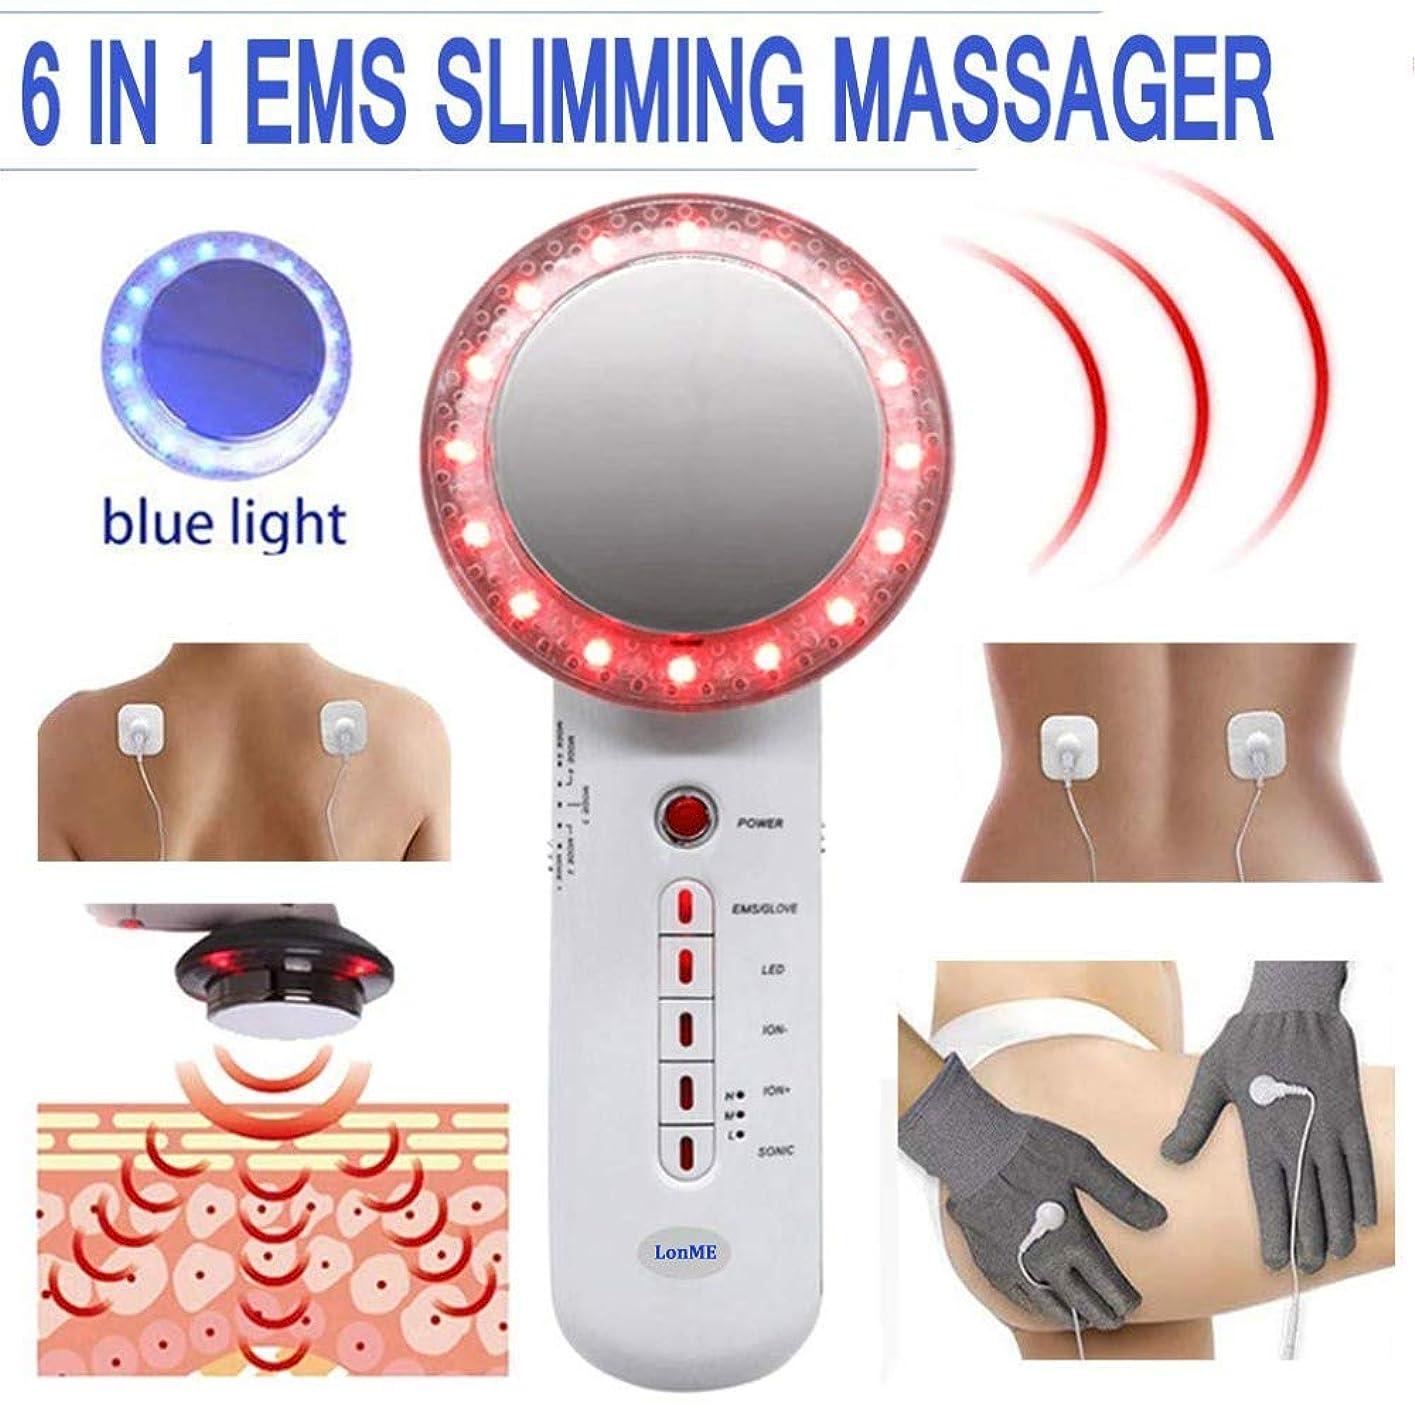 語ビデオブート減量のための1つの脂肪質の除去剤機械EMS細くのマッサージャーに付き6腕の足の胃のマッサージャーのための青くおよび赤い軽い皮装置